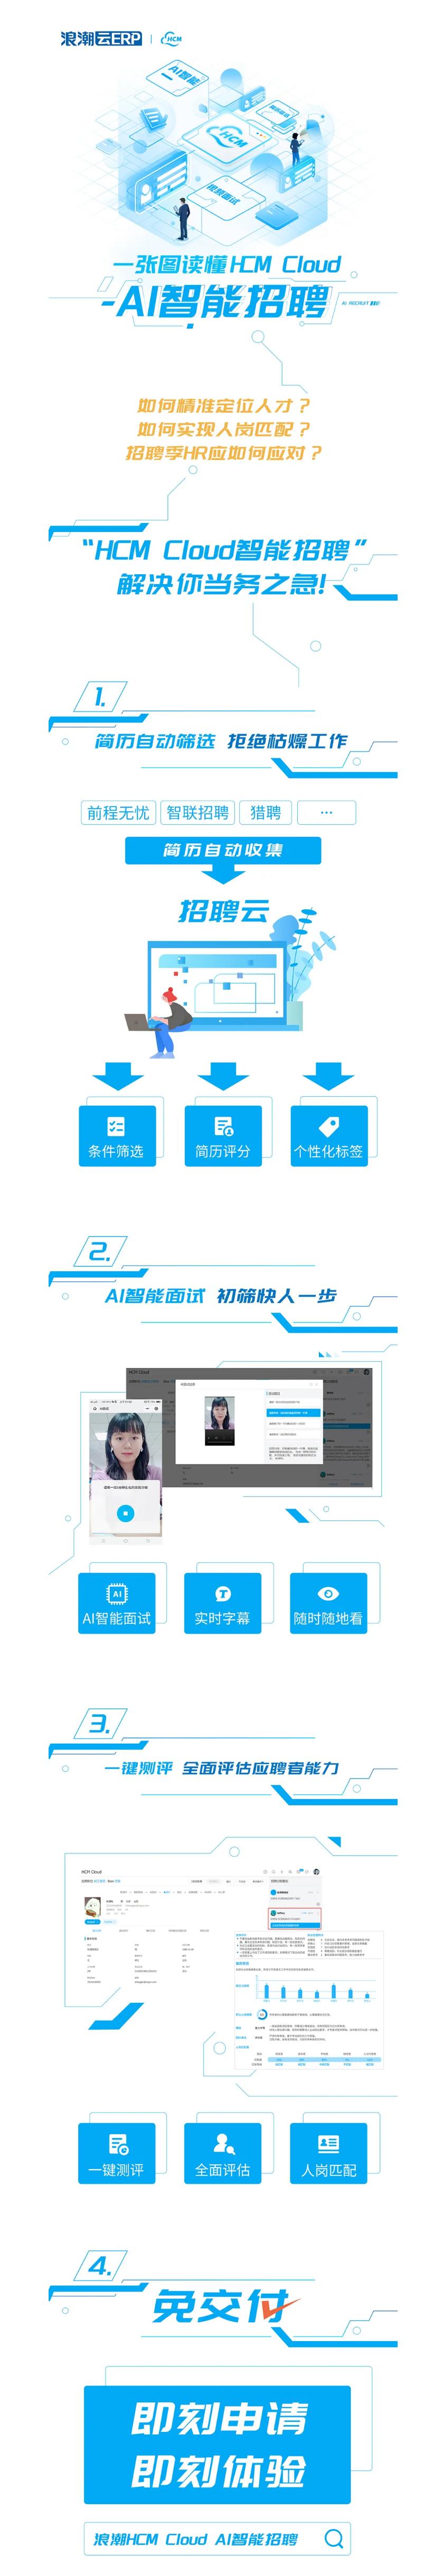 一张图读懂HCM Cloud AI智能招聘.png